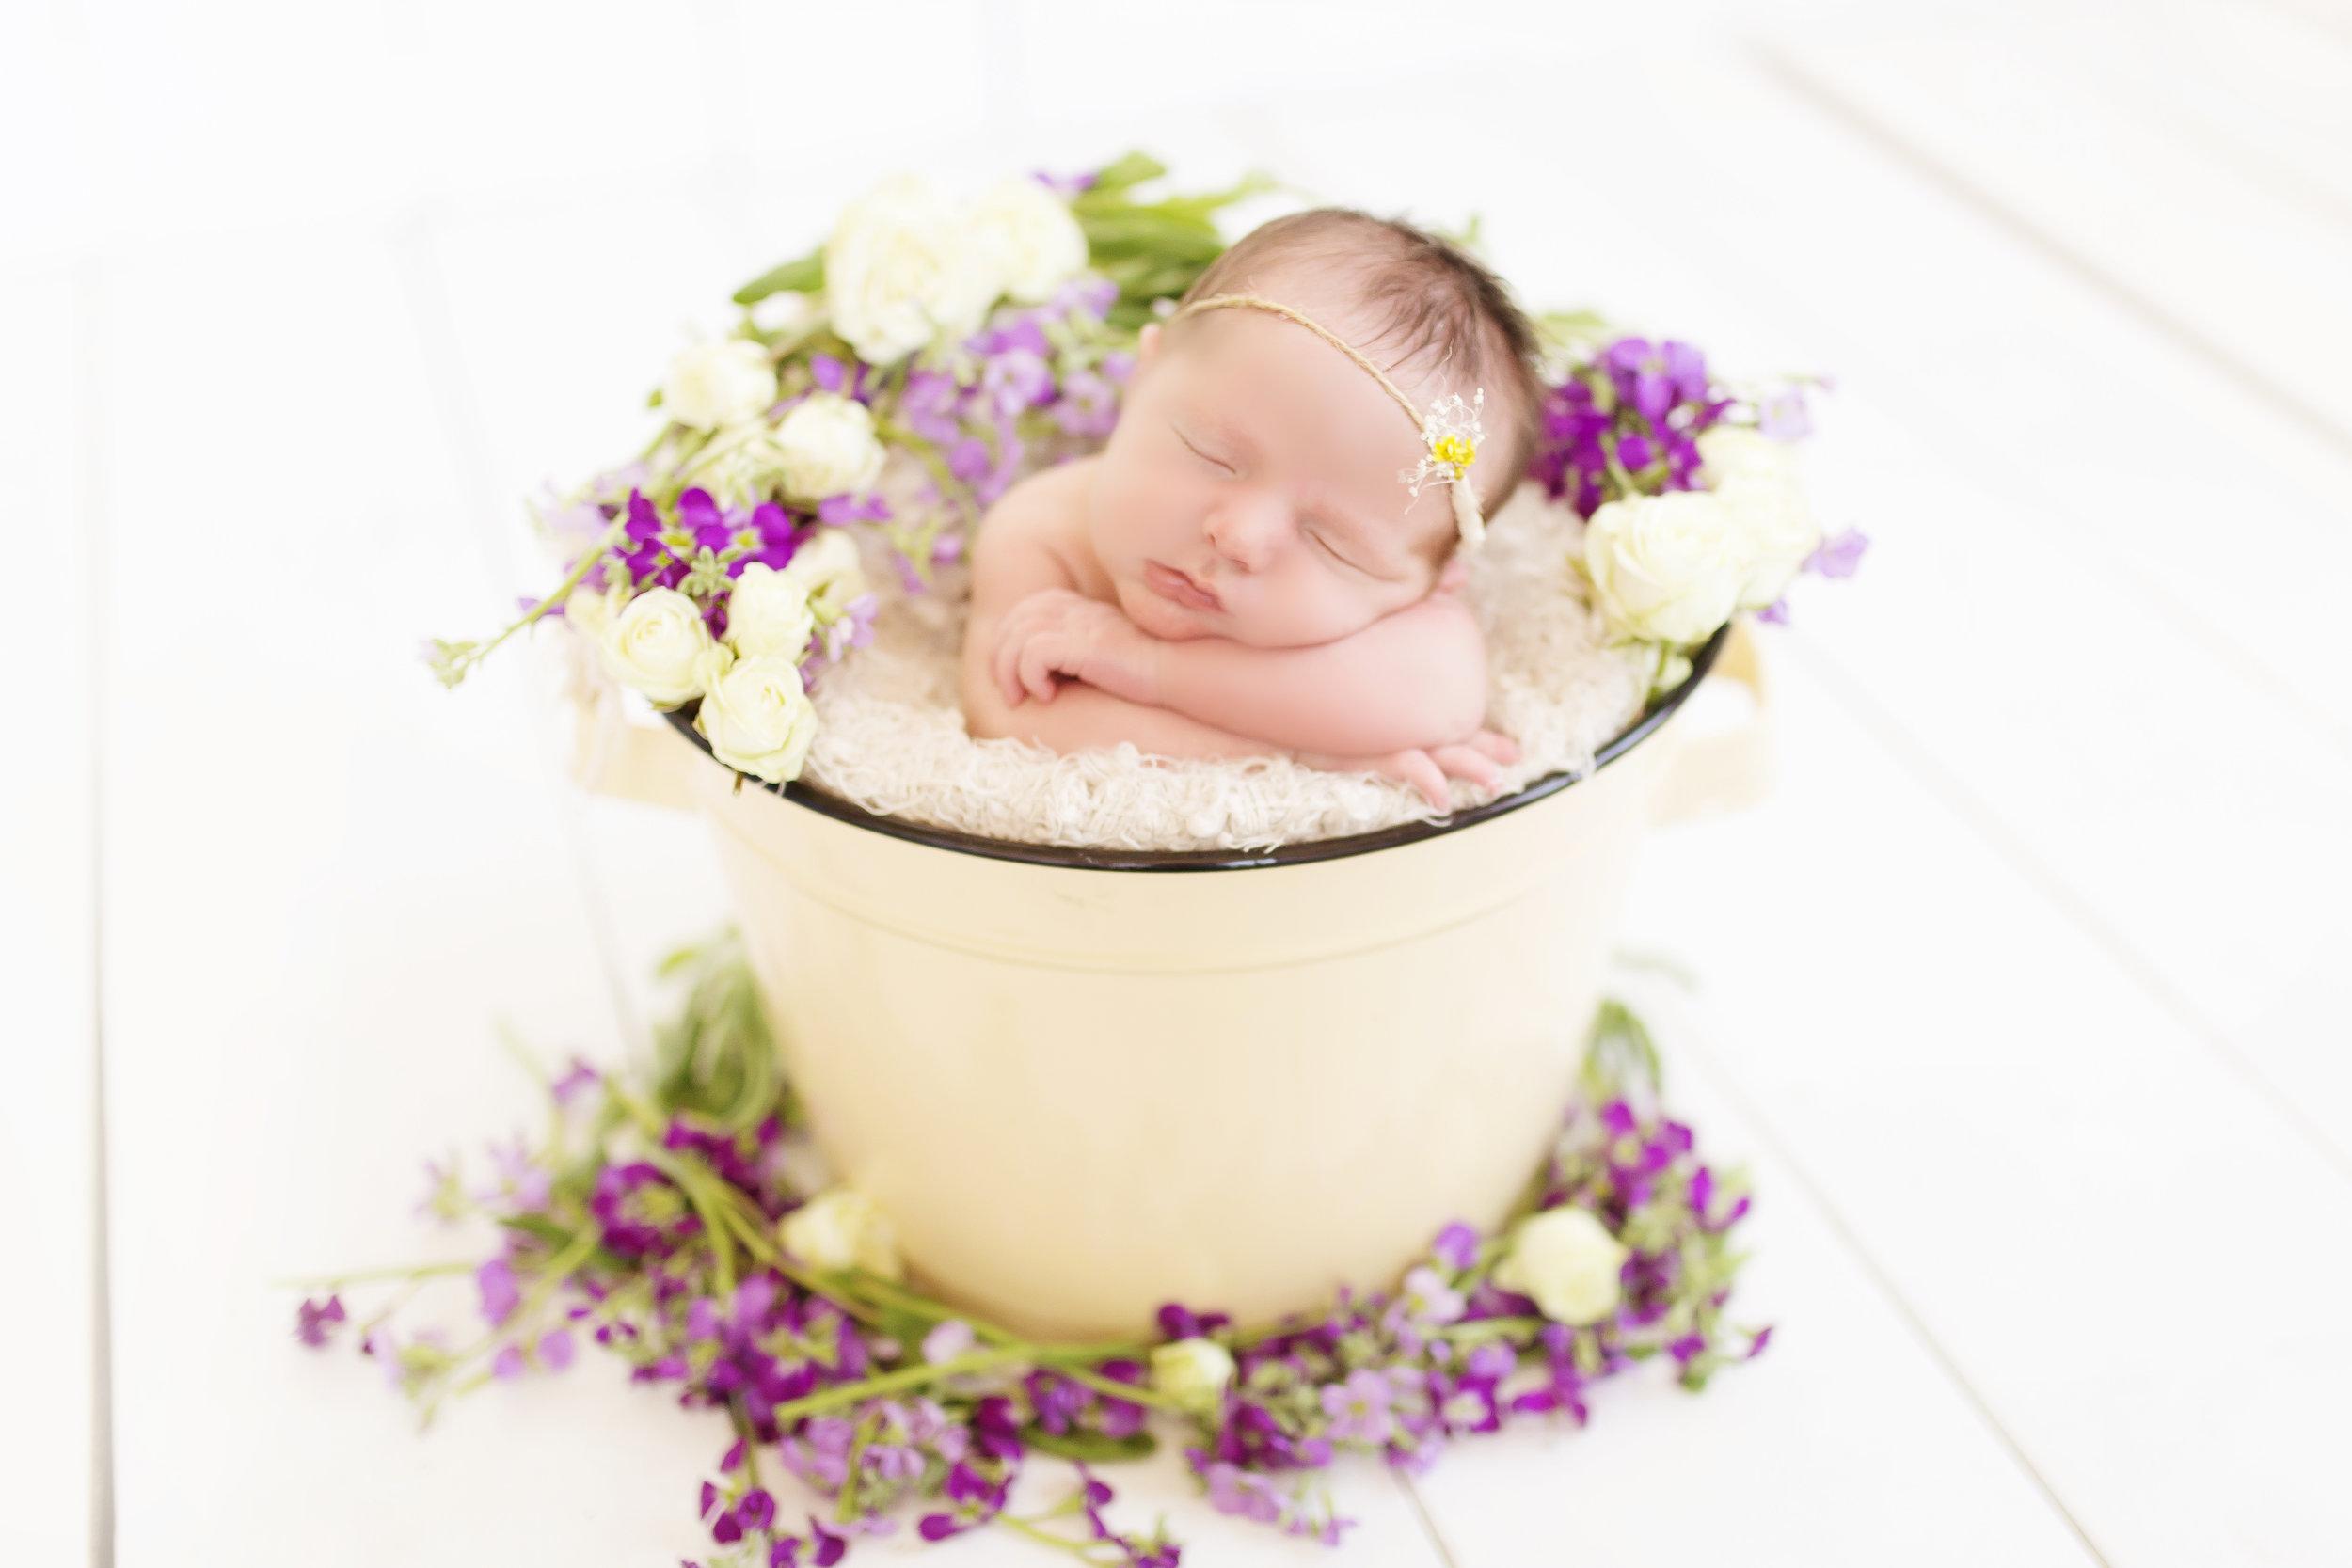 VioletNewborn-127 copy.jpg